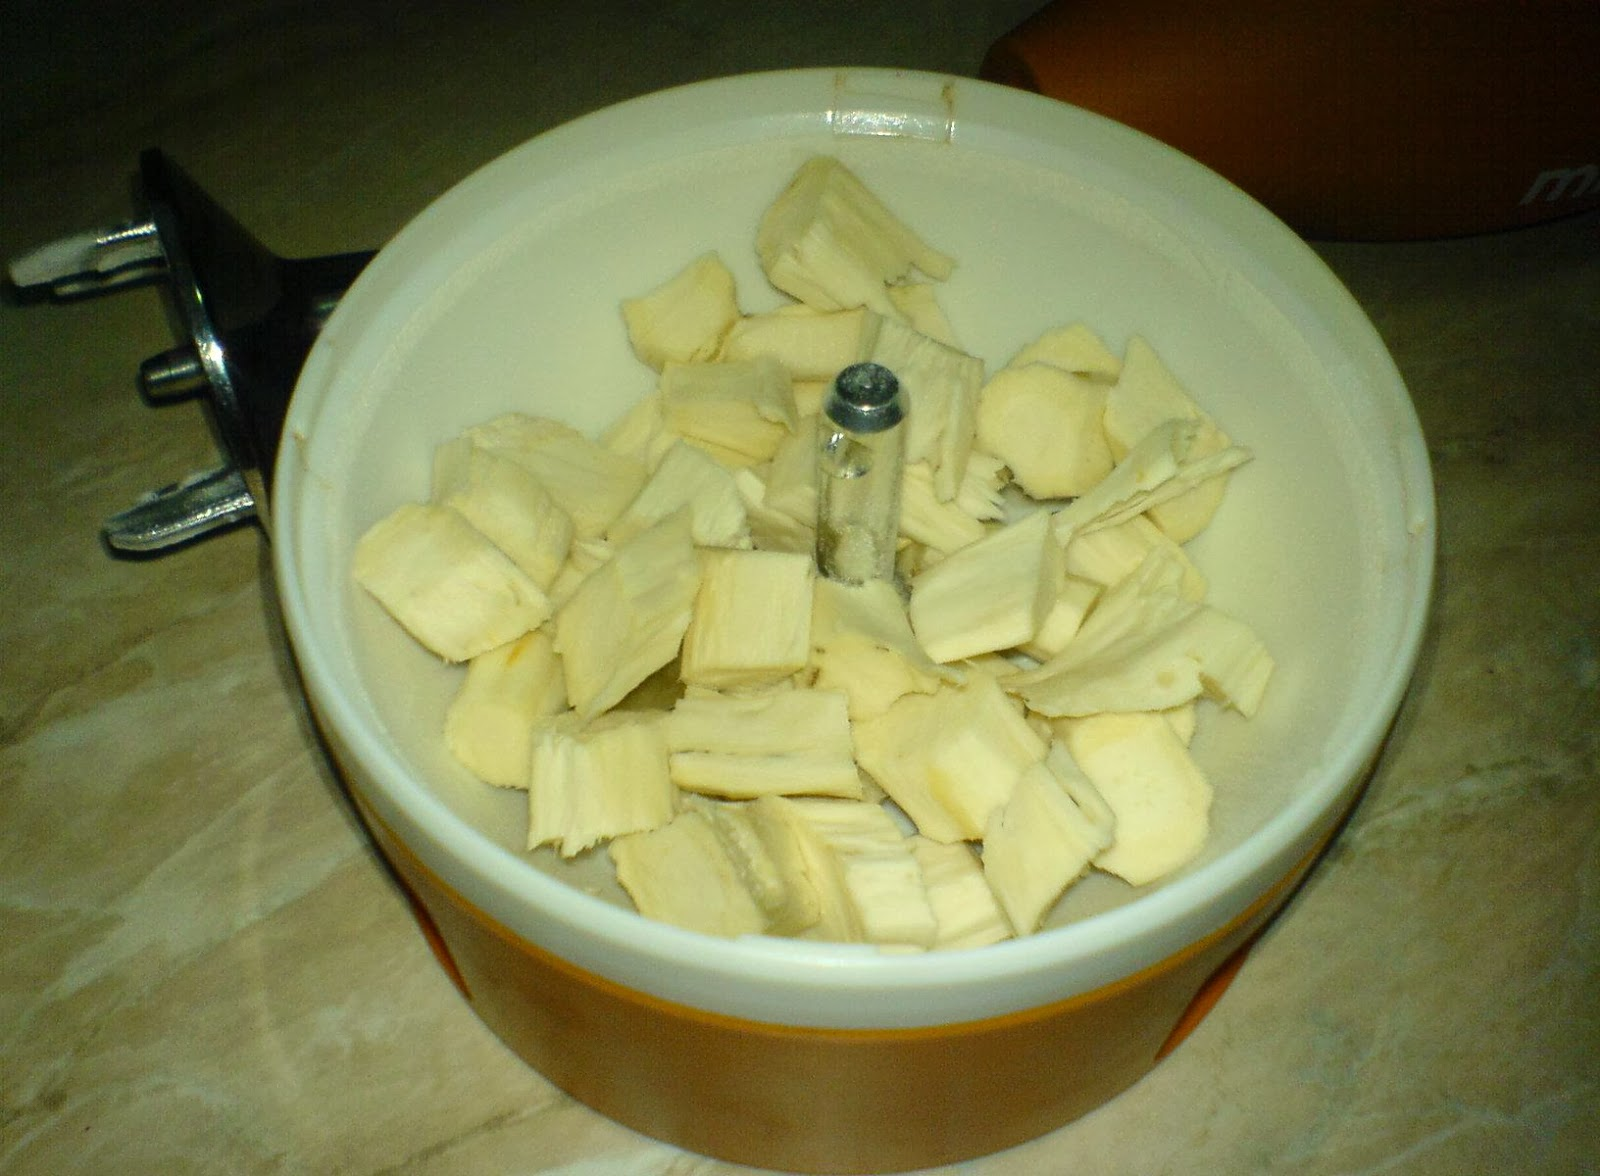 preparare hrean la blender, retete cu hrean, preparate din hrean, hrean pentru diverse salate,